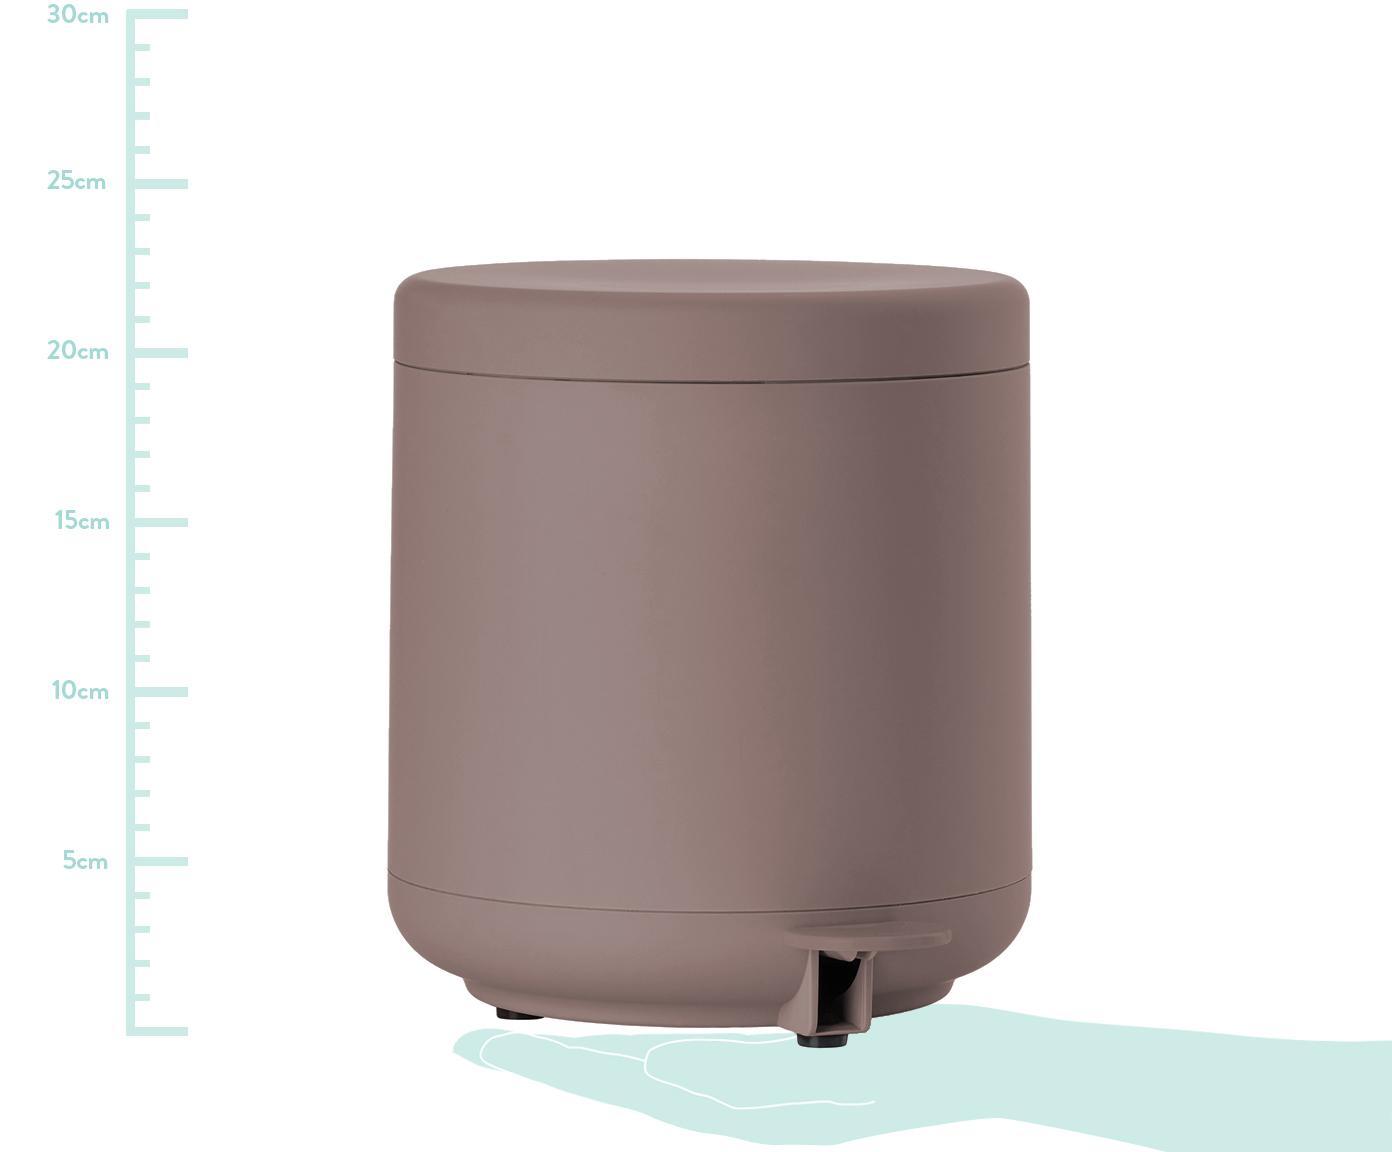 Kosz na śmieci Omega, Tworzywo sztuczne (ABS), Brudny różowy, matowy, Ø 20 x W 22 cm